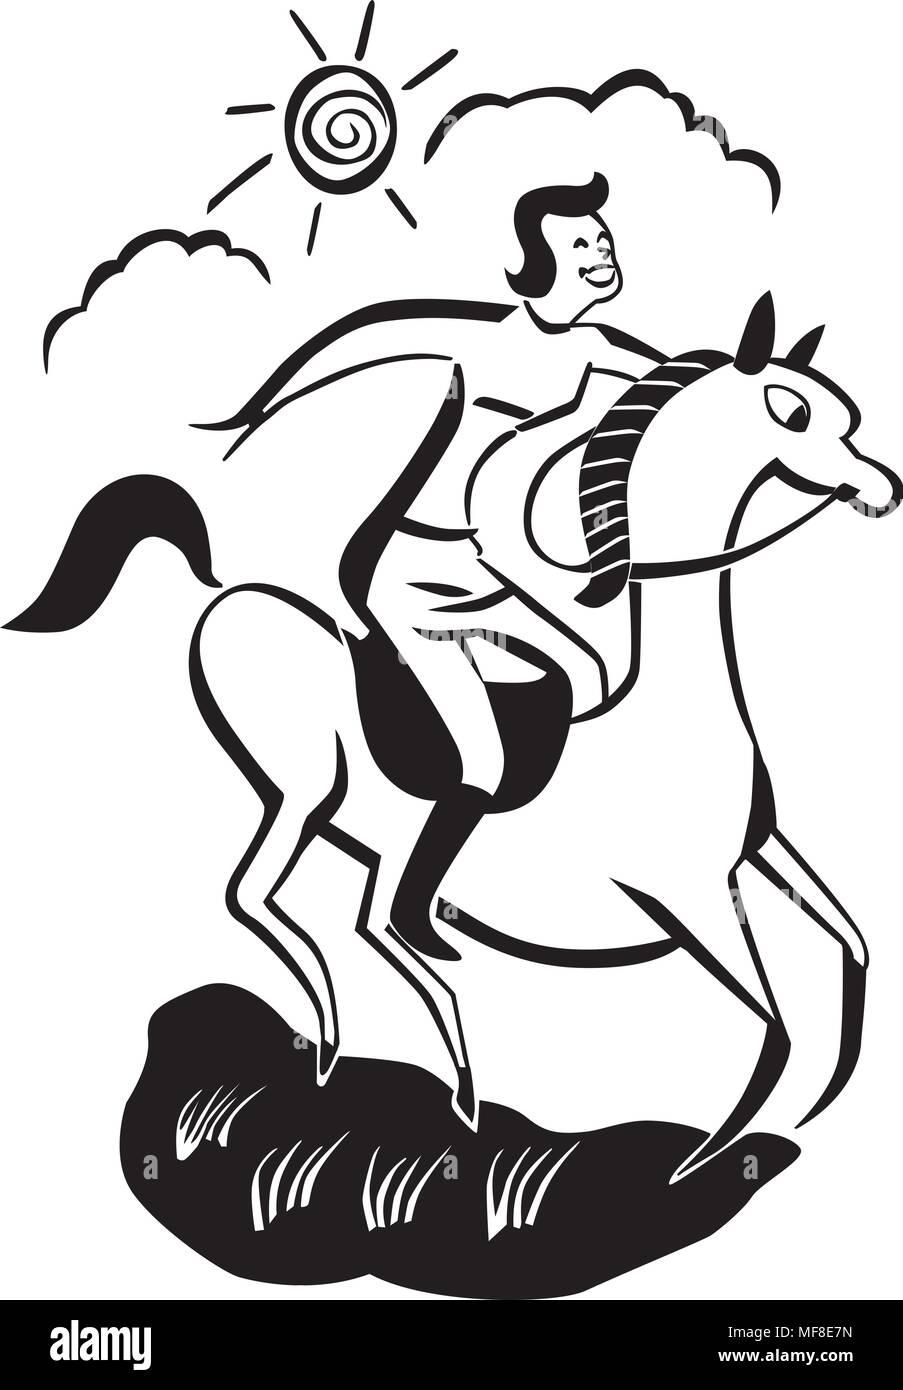 hight resolution of horseback rider retro clipart illustration stock vector